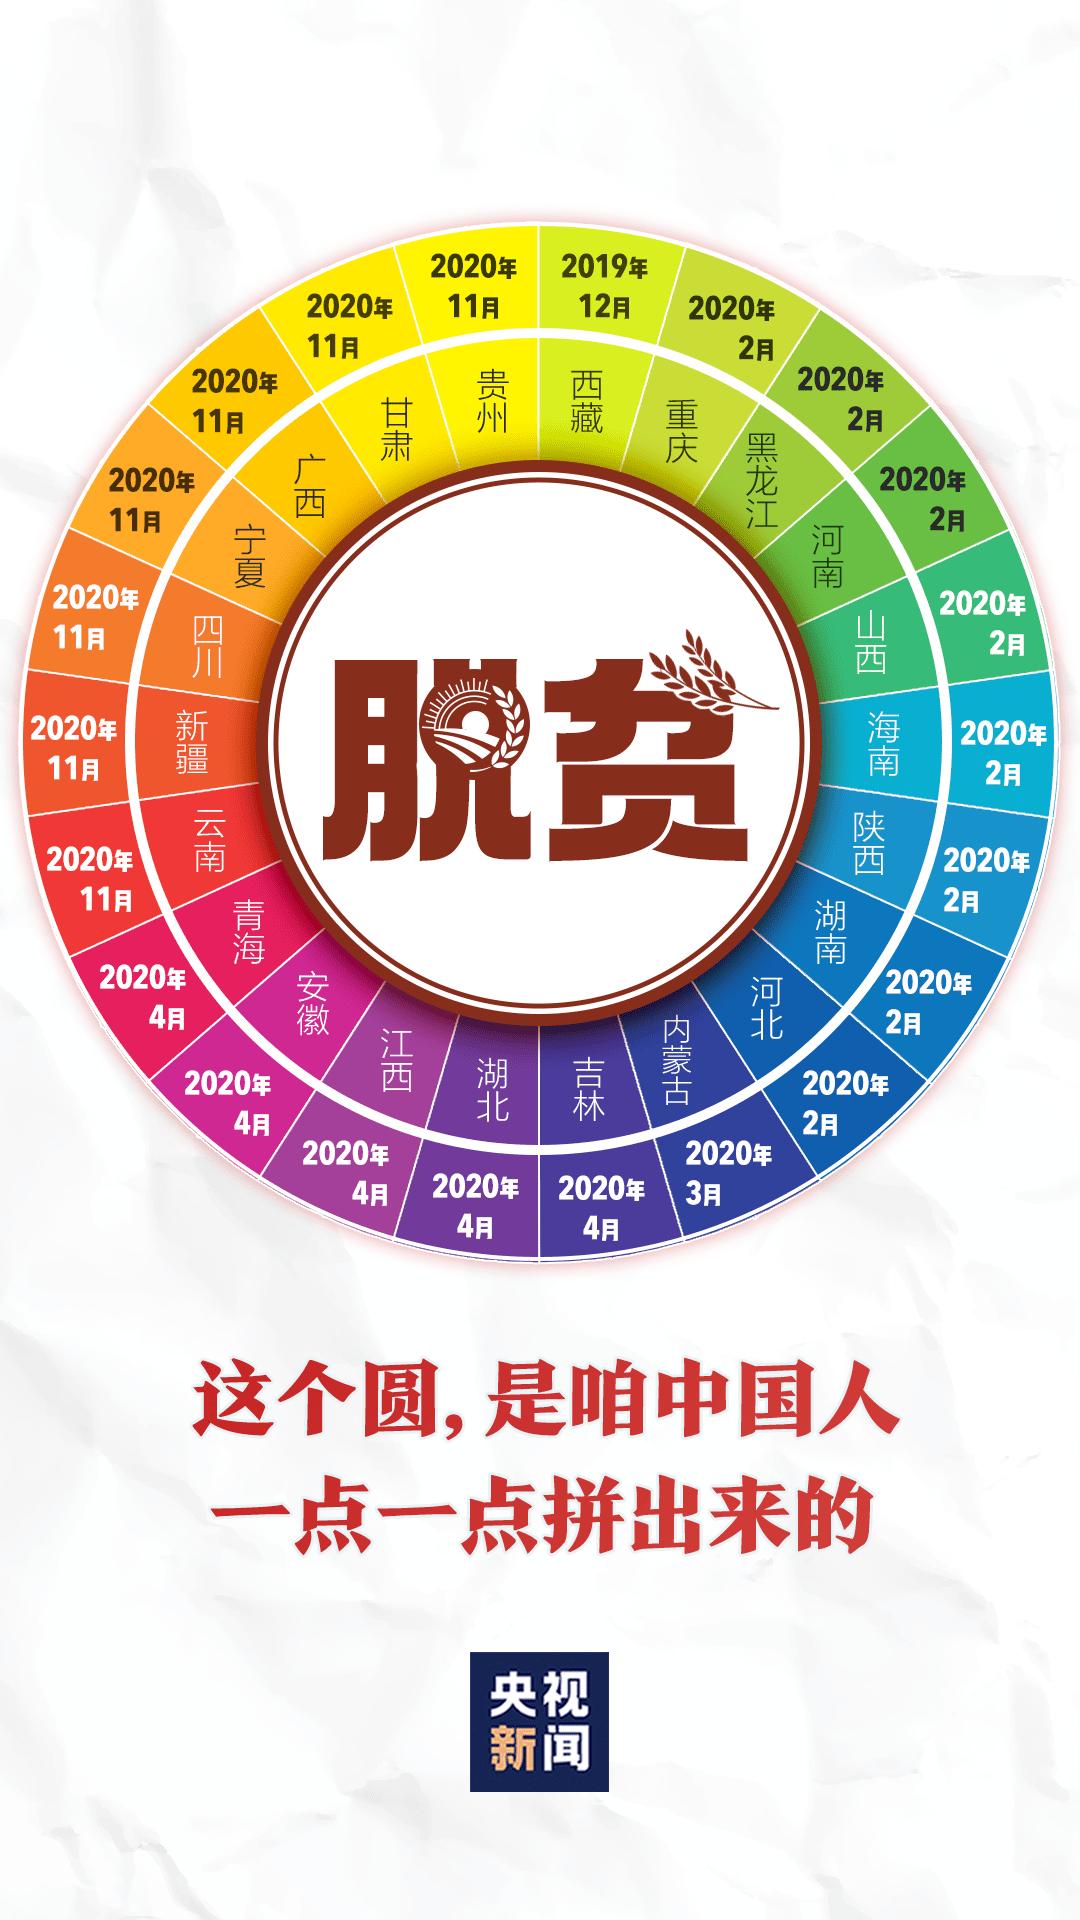 http://www.tianguangxu.com.cn/lishi/168007.html